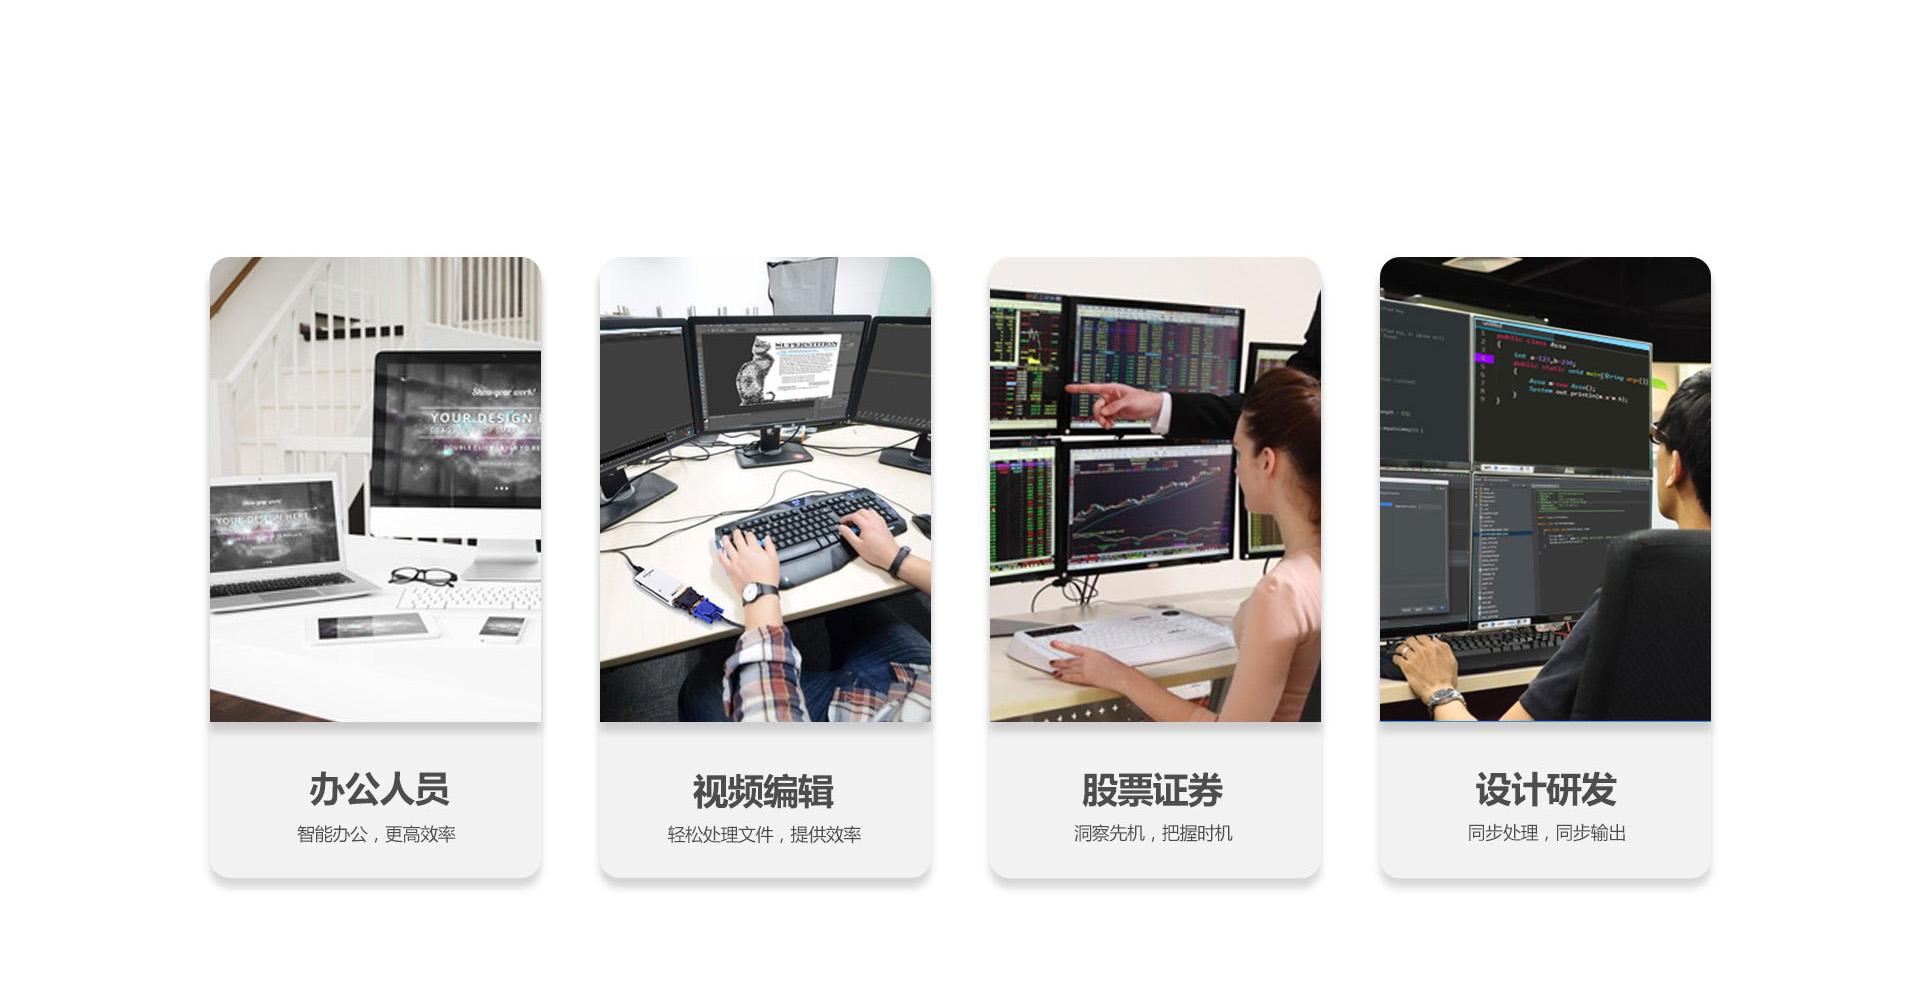 适用于视频编辑、股票证券、研发设计、办公的人员